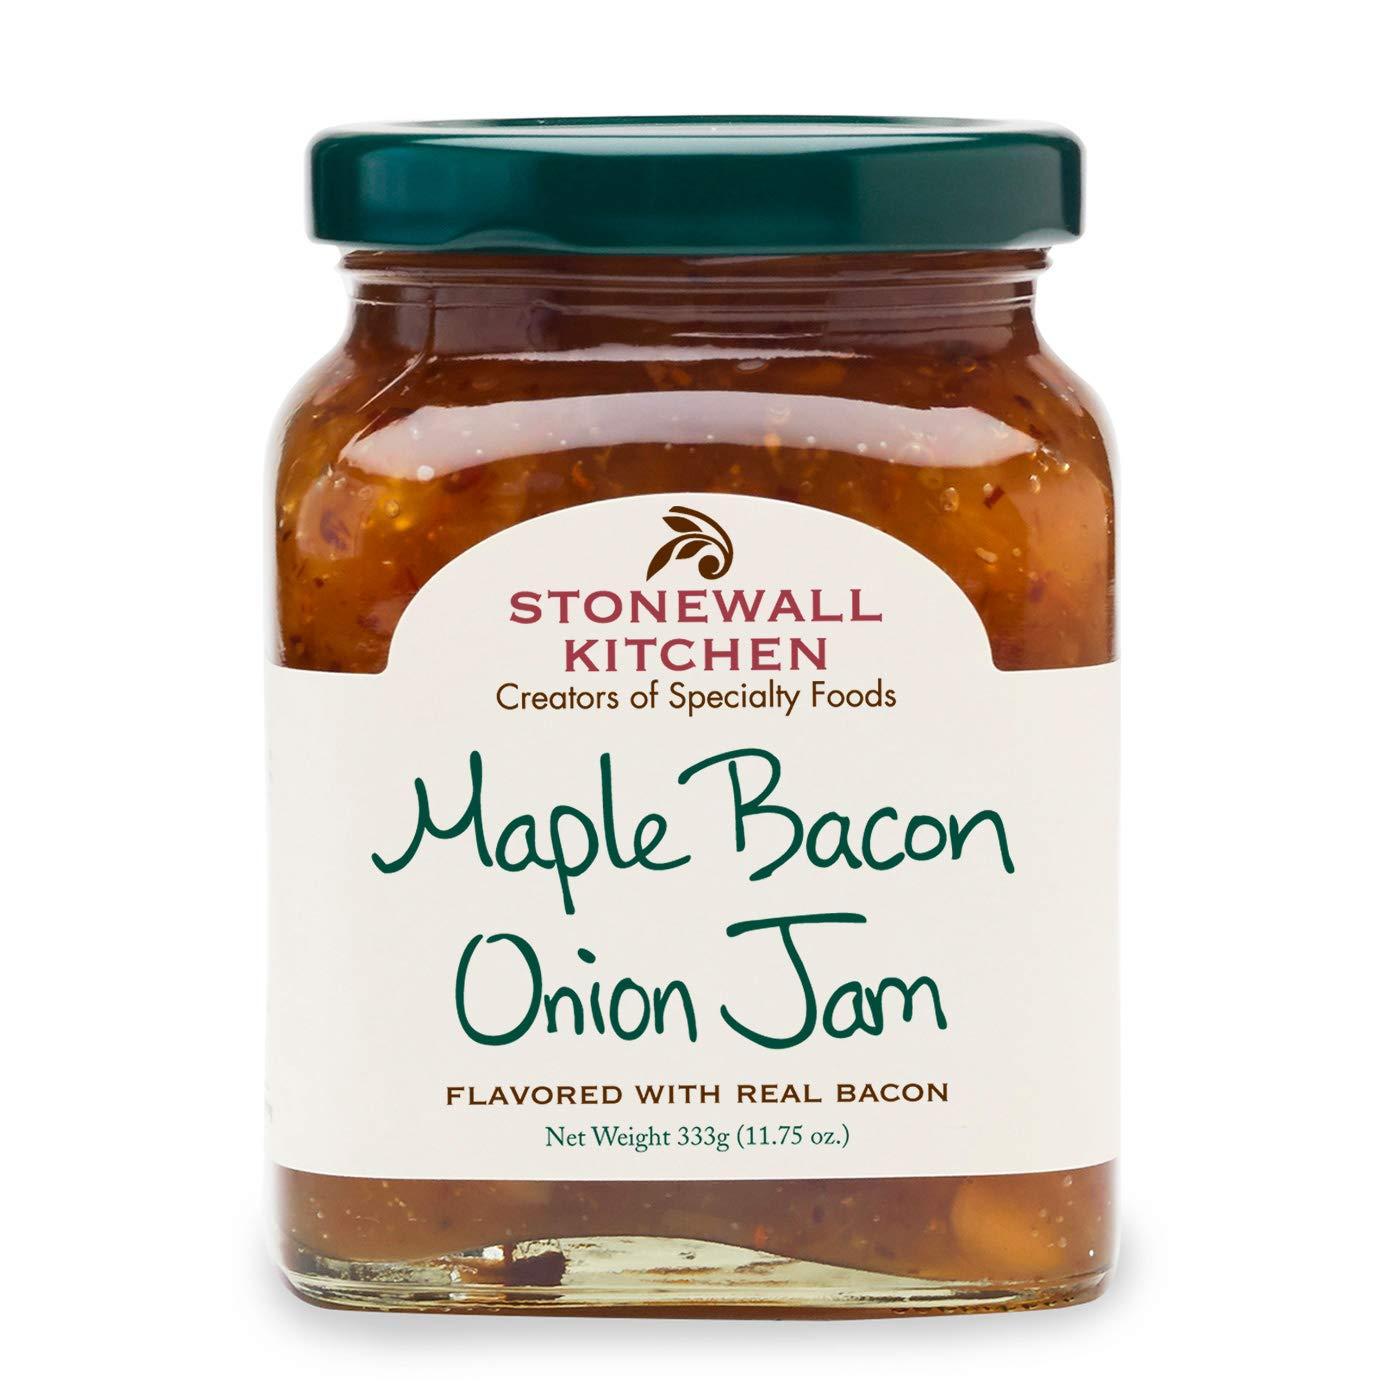 Stonewall Kitchen Maple Bacon Onion Jam, 11.75 oz